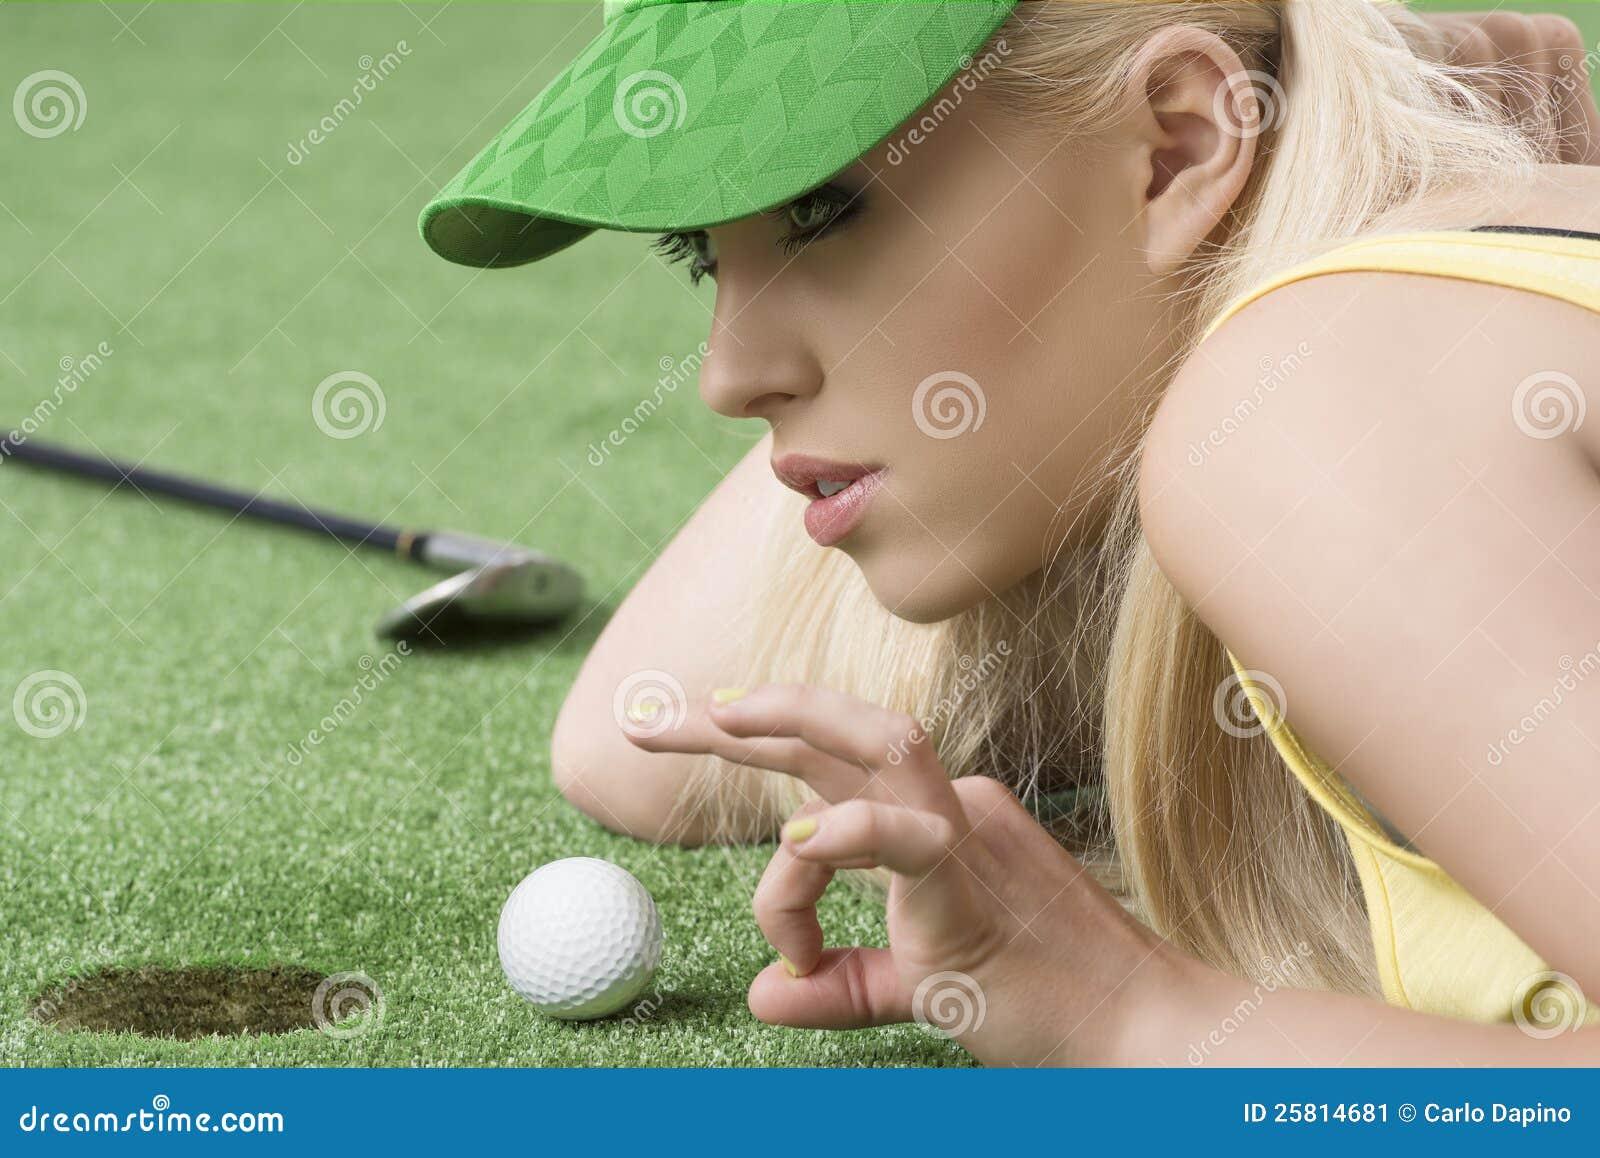 Ragazza che gioca con la sfera di golf, è nel profilo